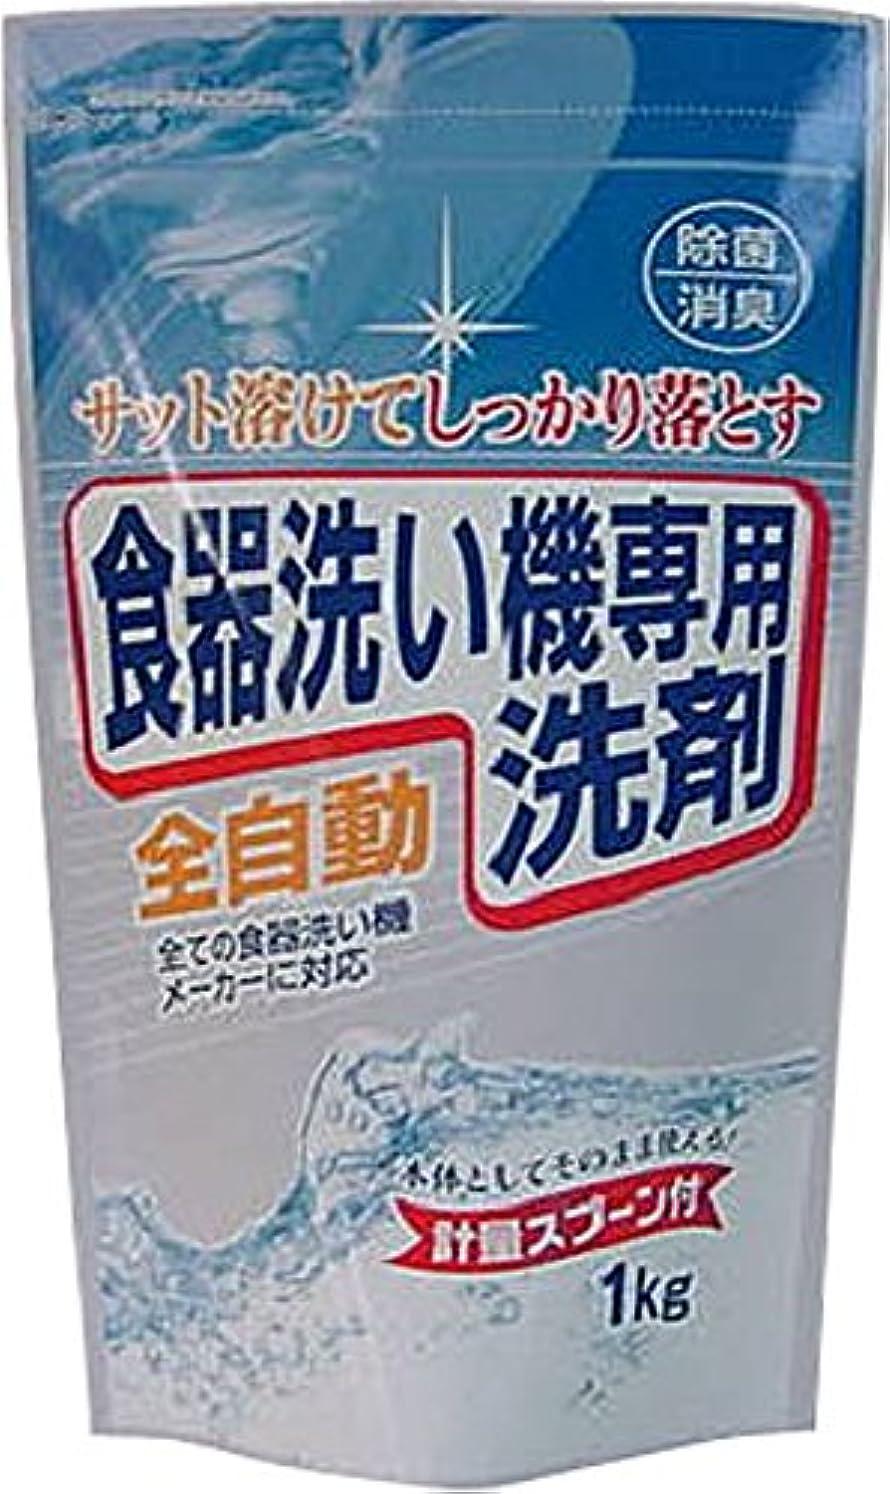 コイル試す州全自動食器洗い機専用洗剤 1kg